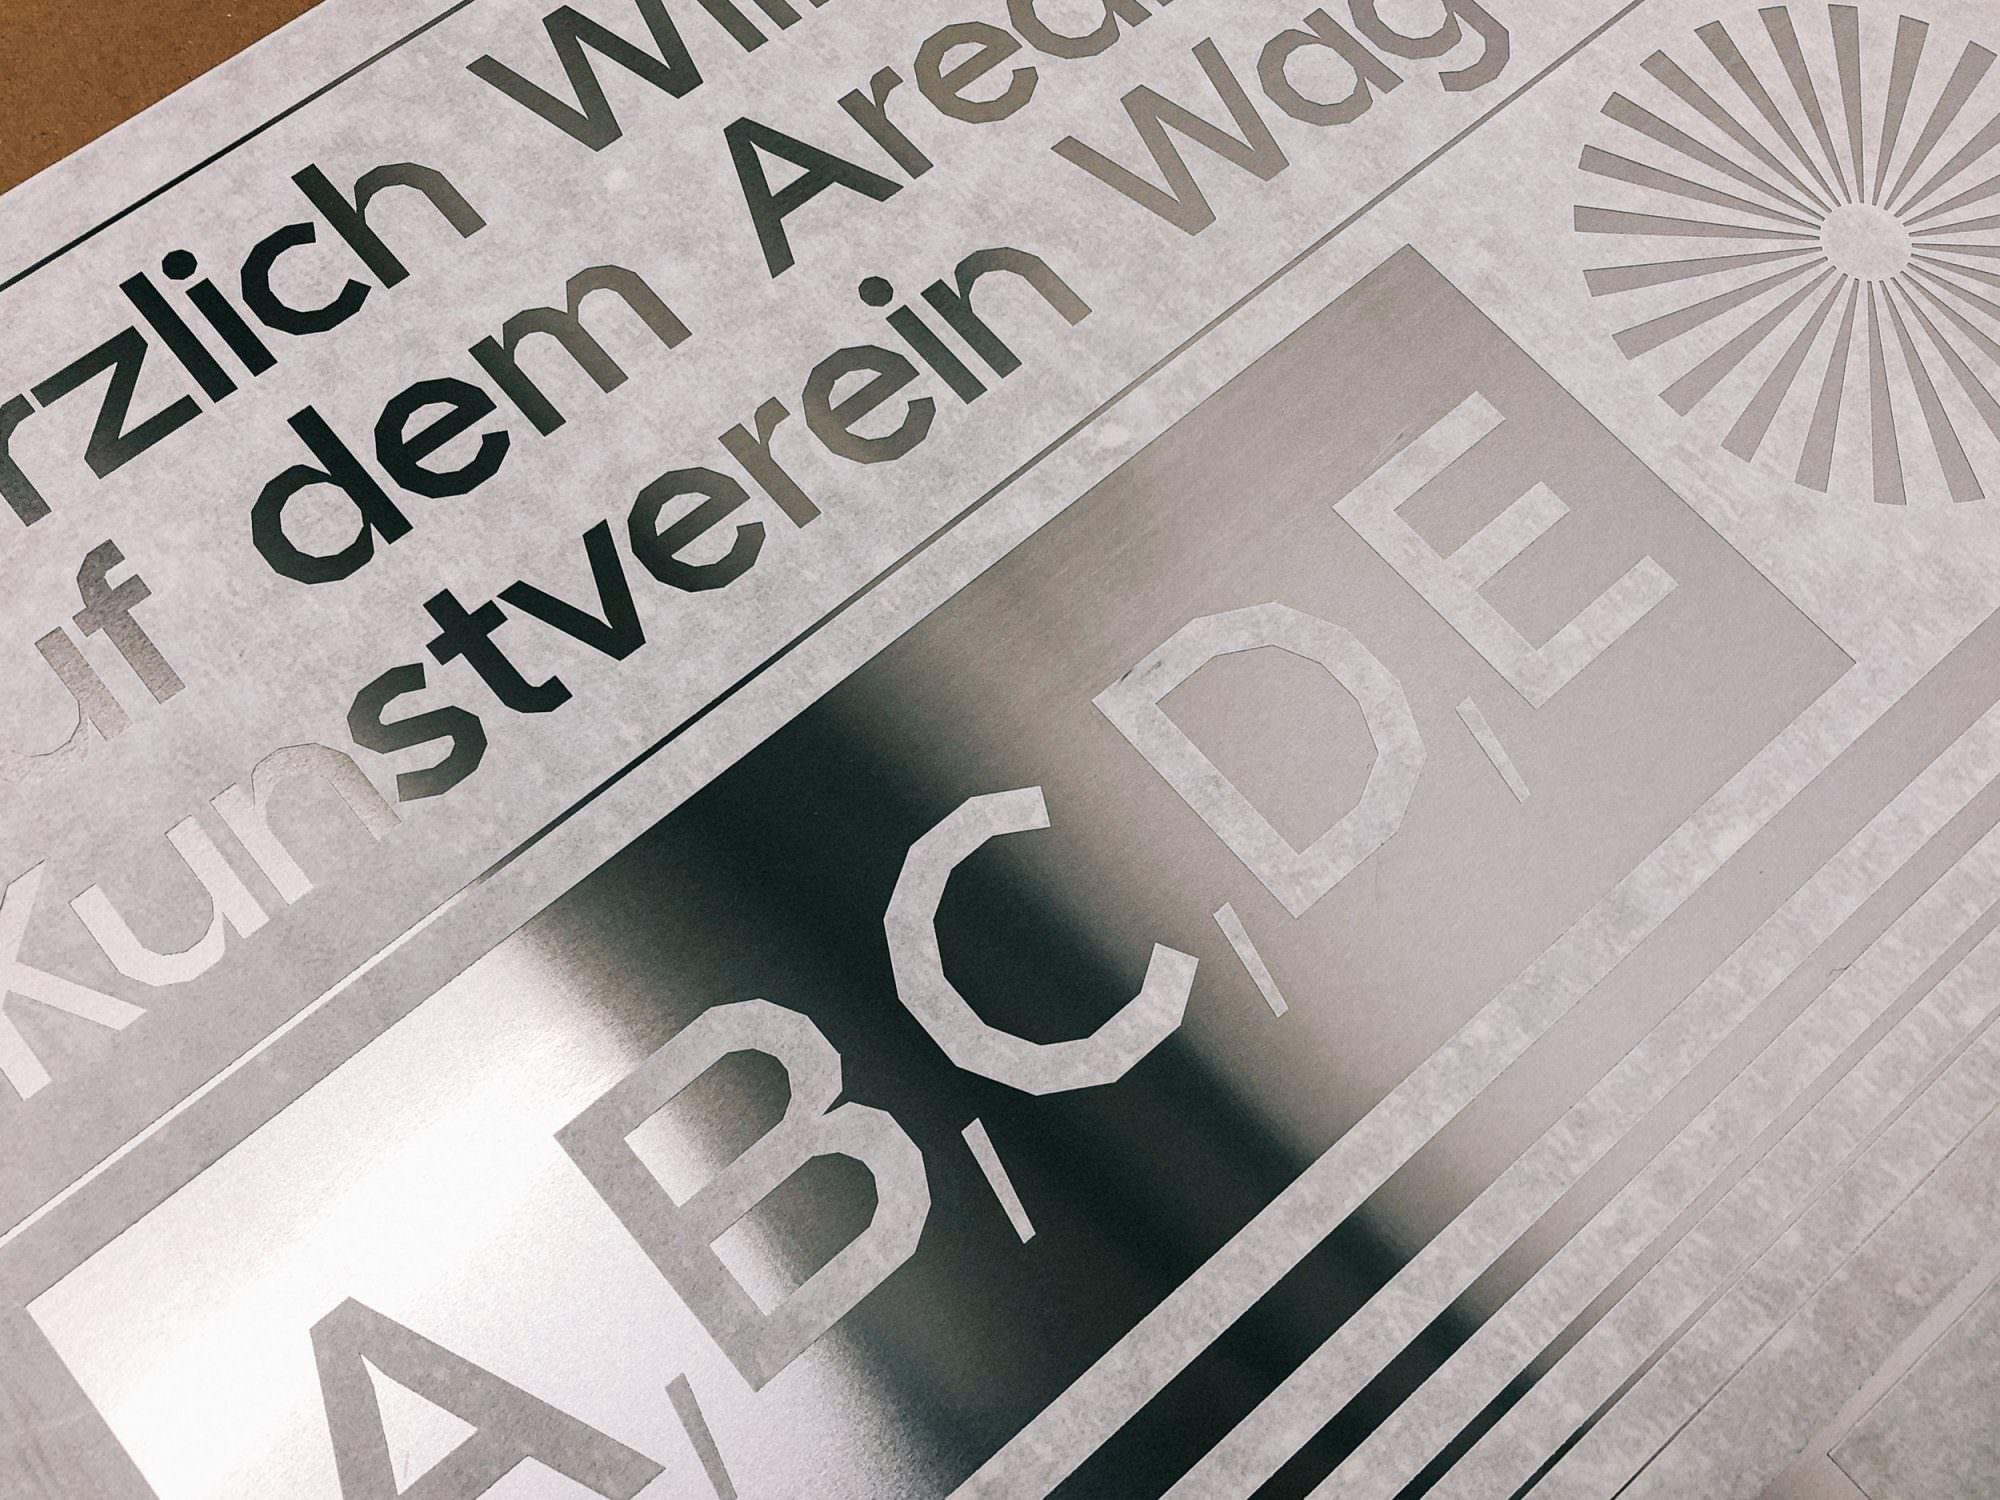 Detailaufnahme der Cultural Identity für den Kunstverein Wagenhalle: Schriftgestaltung Nordi Sans